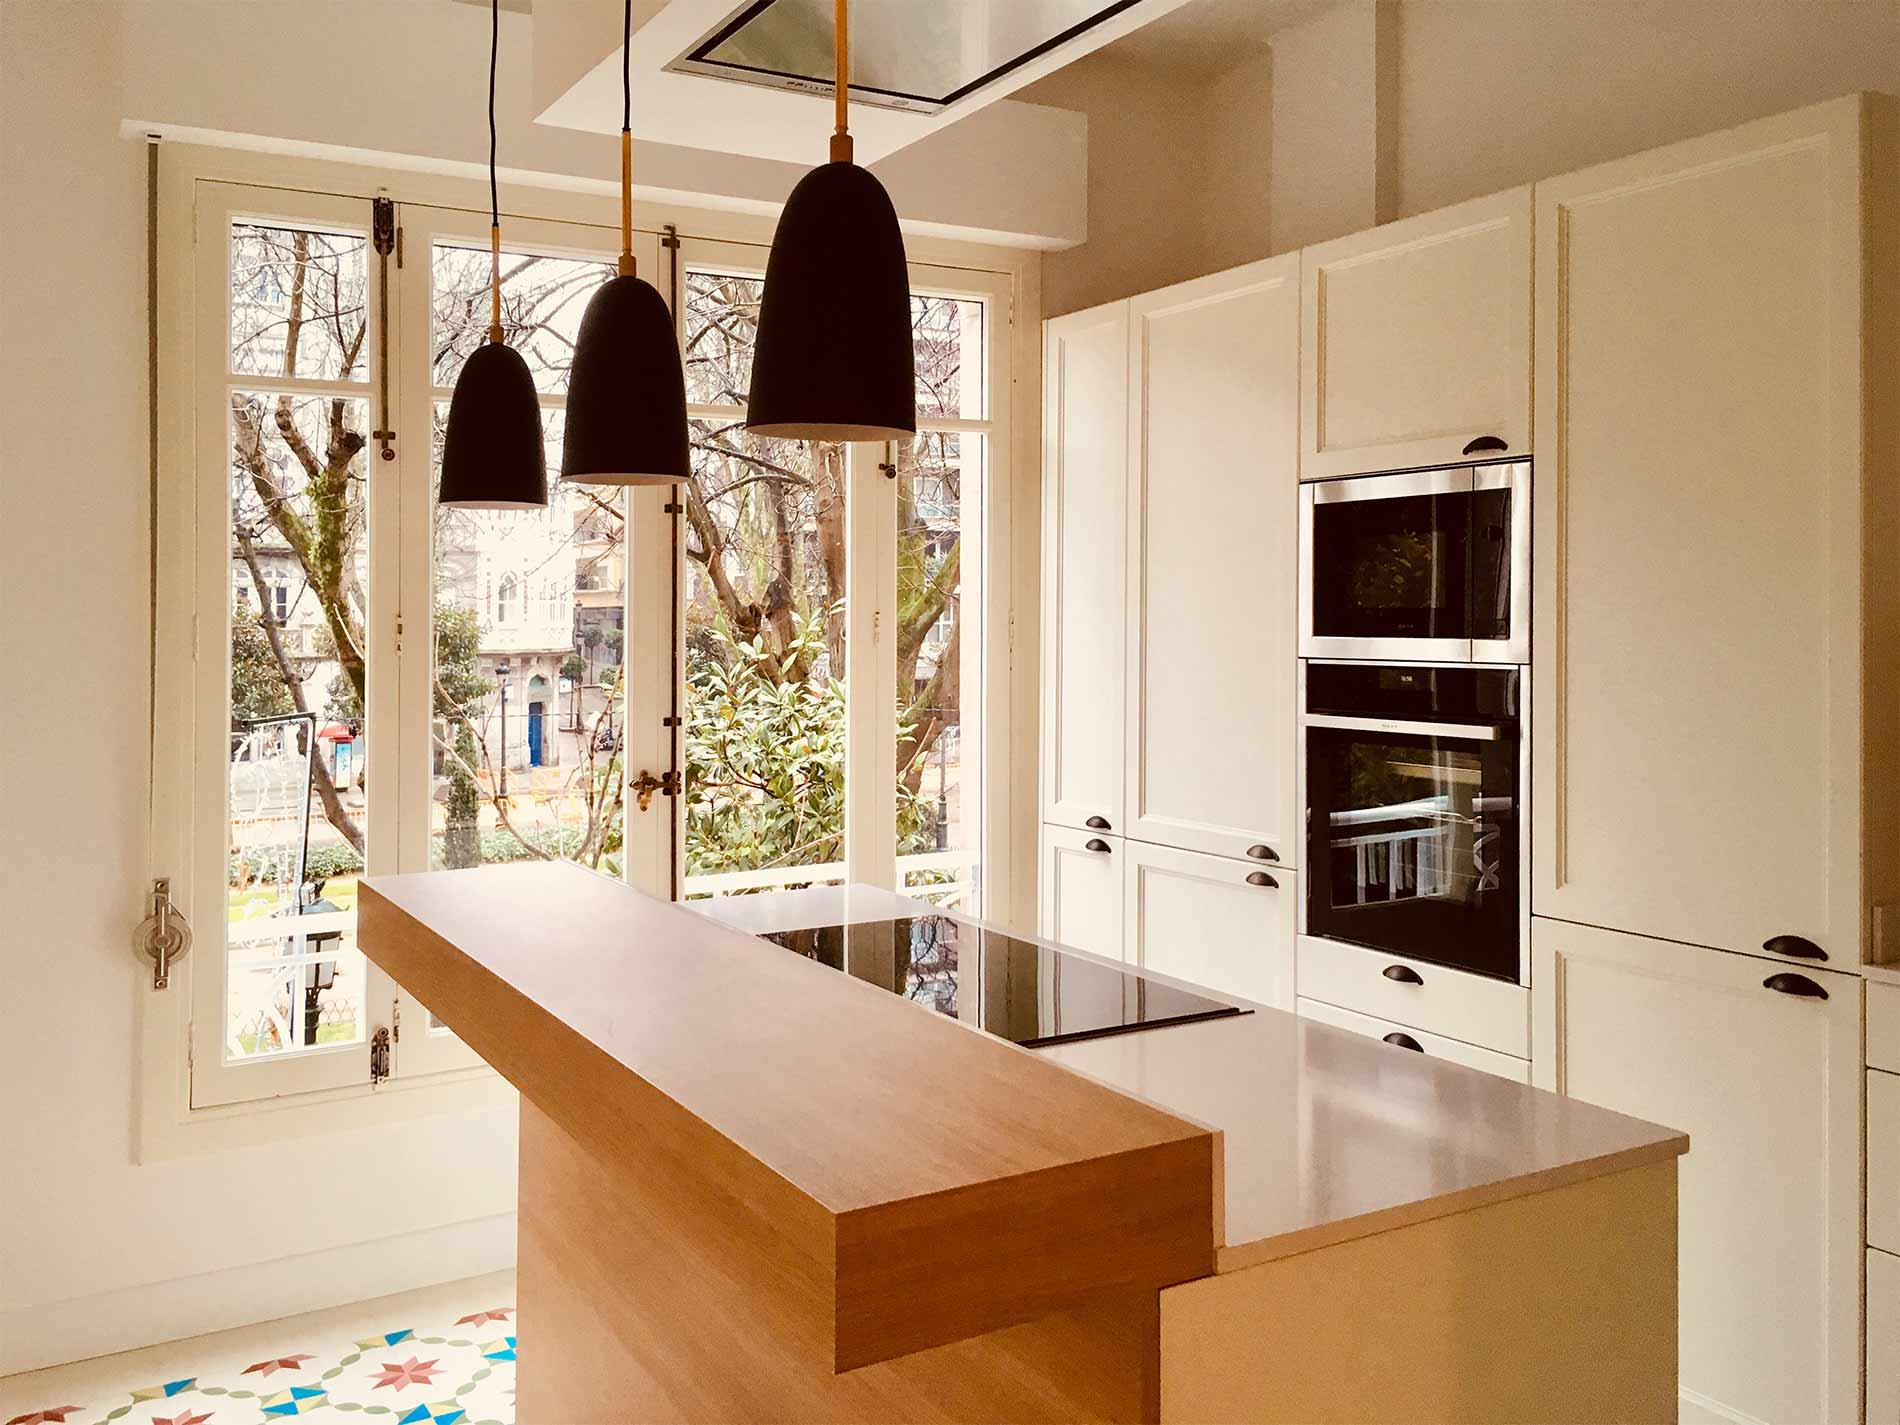 El diseño de la cocina mantuvo el estilo de la construcción, una espacio clásico, con techos elevados y grandes ventanales.